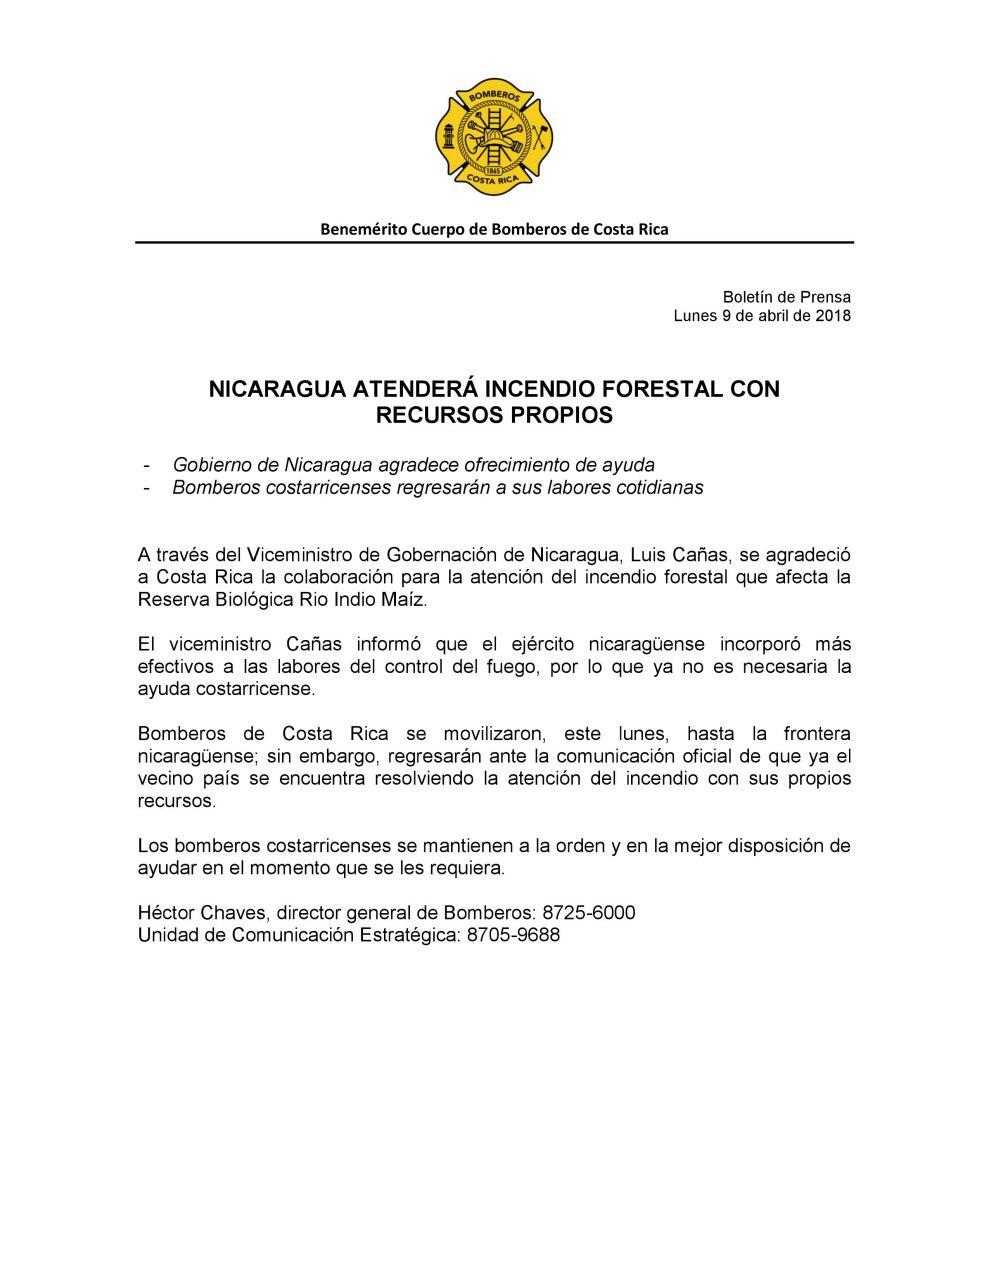 Comunicado del Benemérito cuerpo de Bomberos de Costa Rica